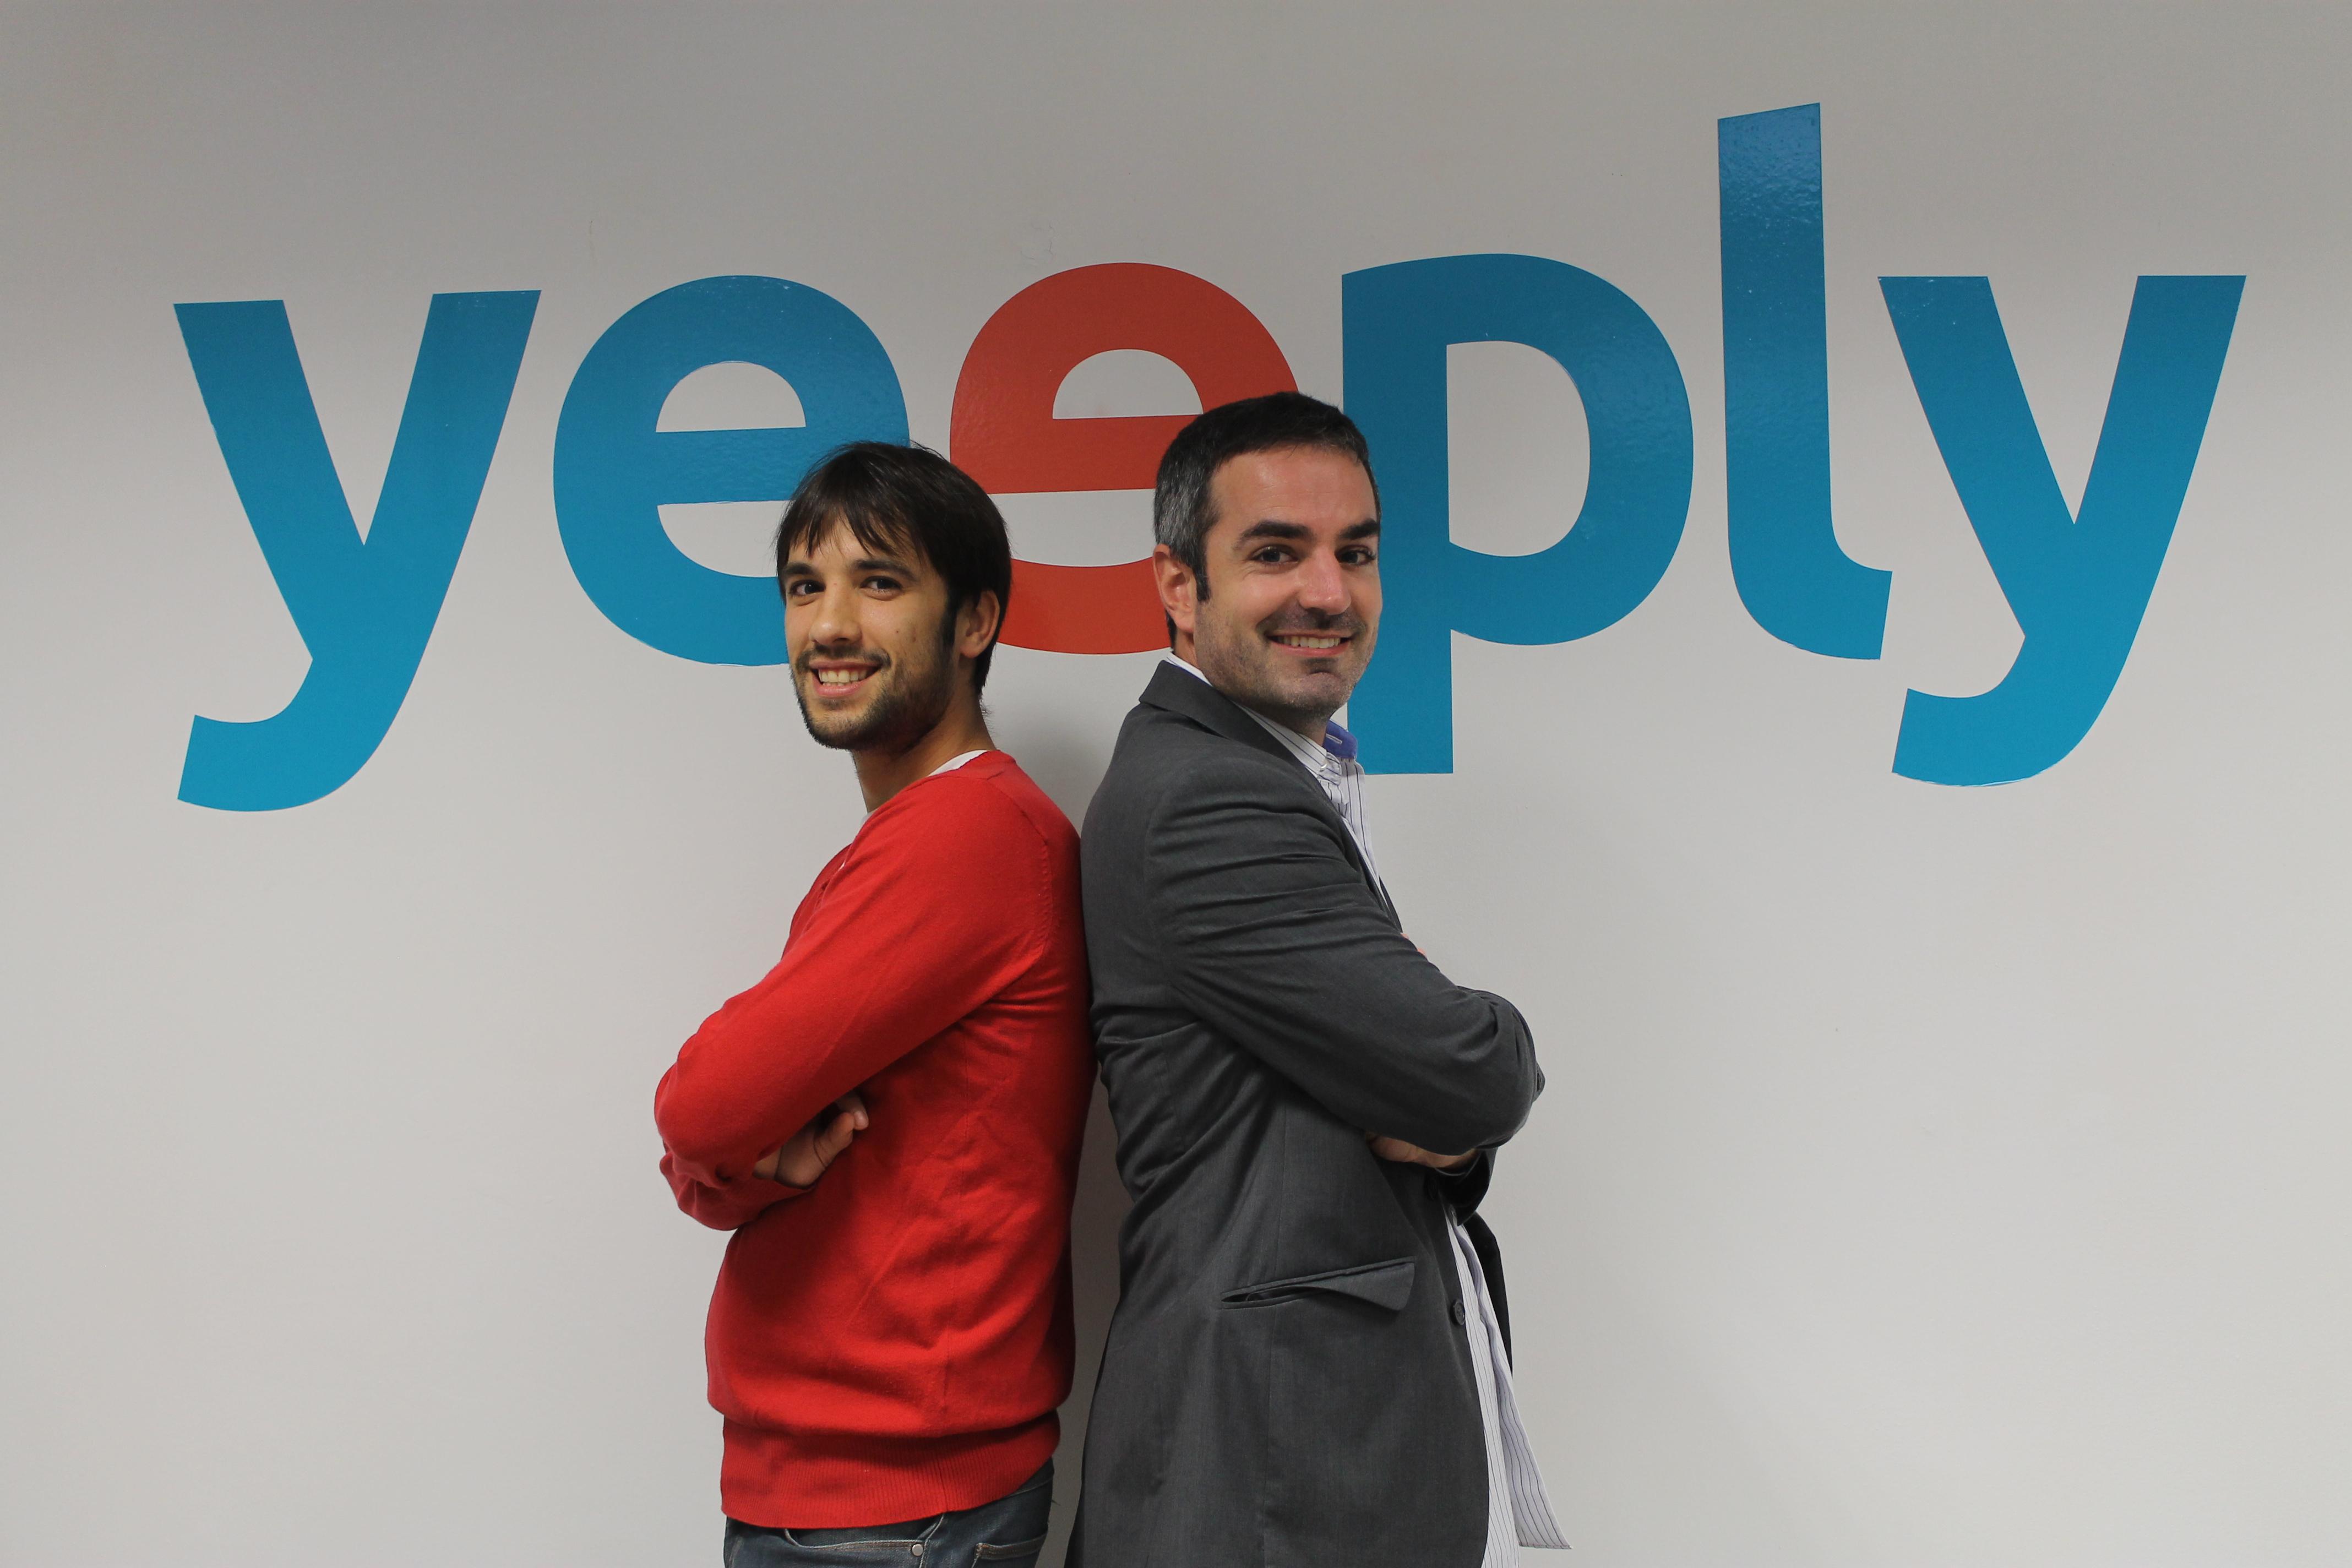 yeeply_founders.jpg